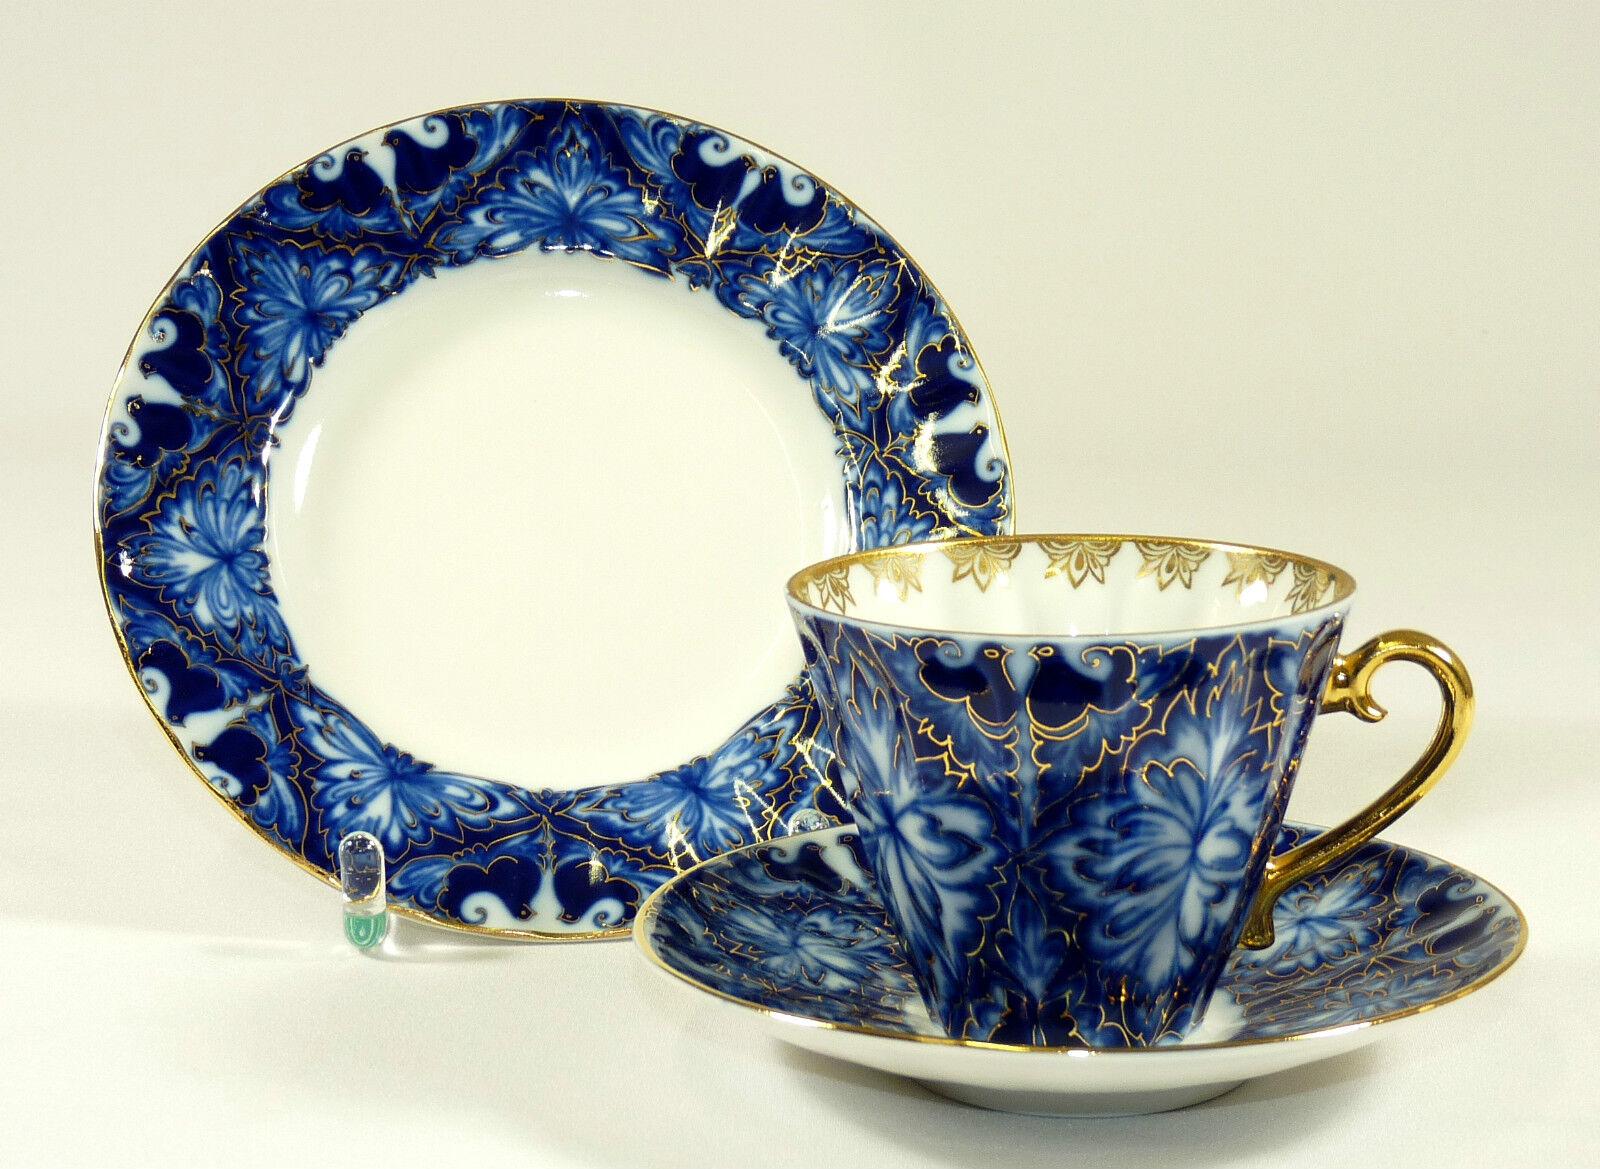 Lomonosov-Couvert Café couvert tasse à café-BONHEUR OISEAU-COBALT-BLEU OR